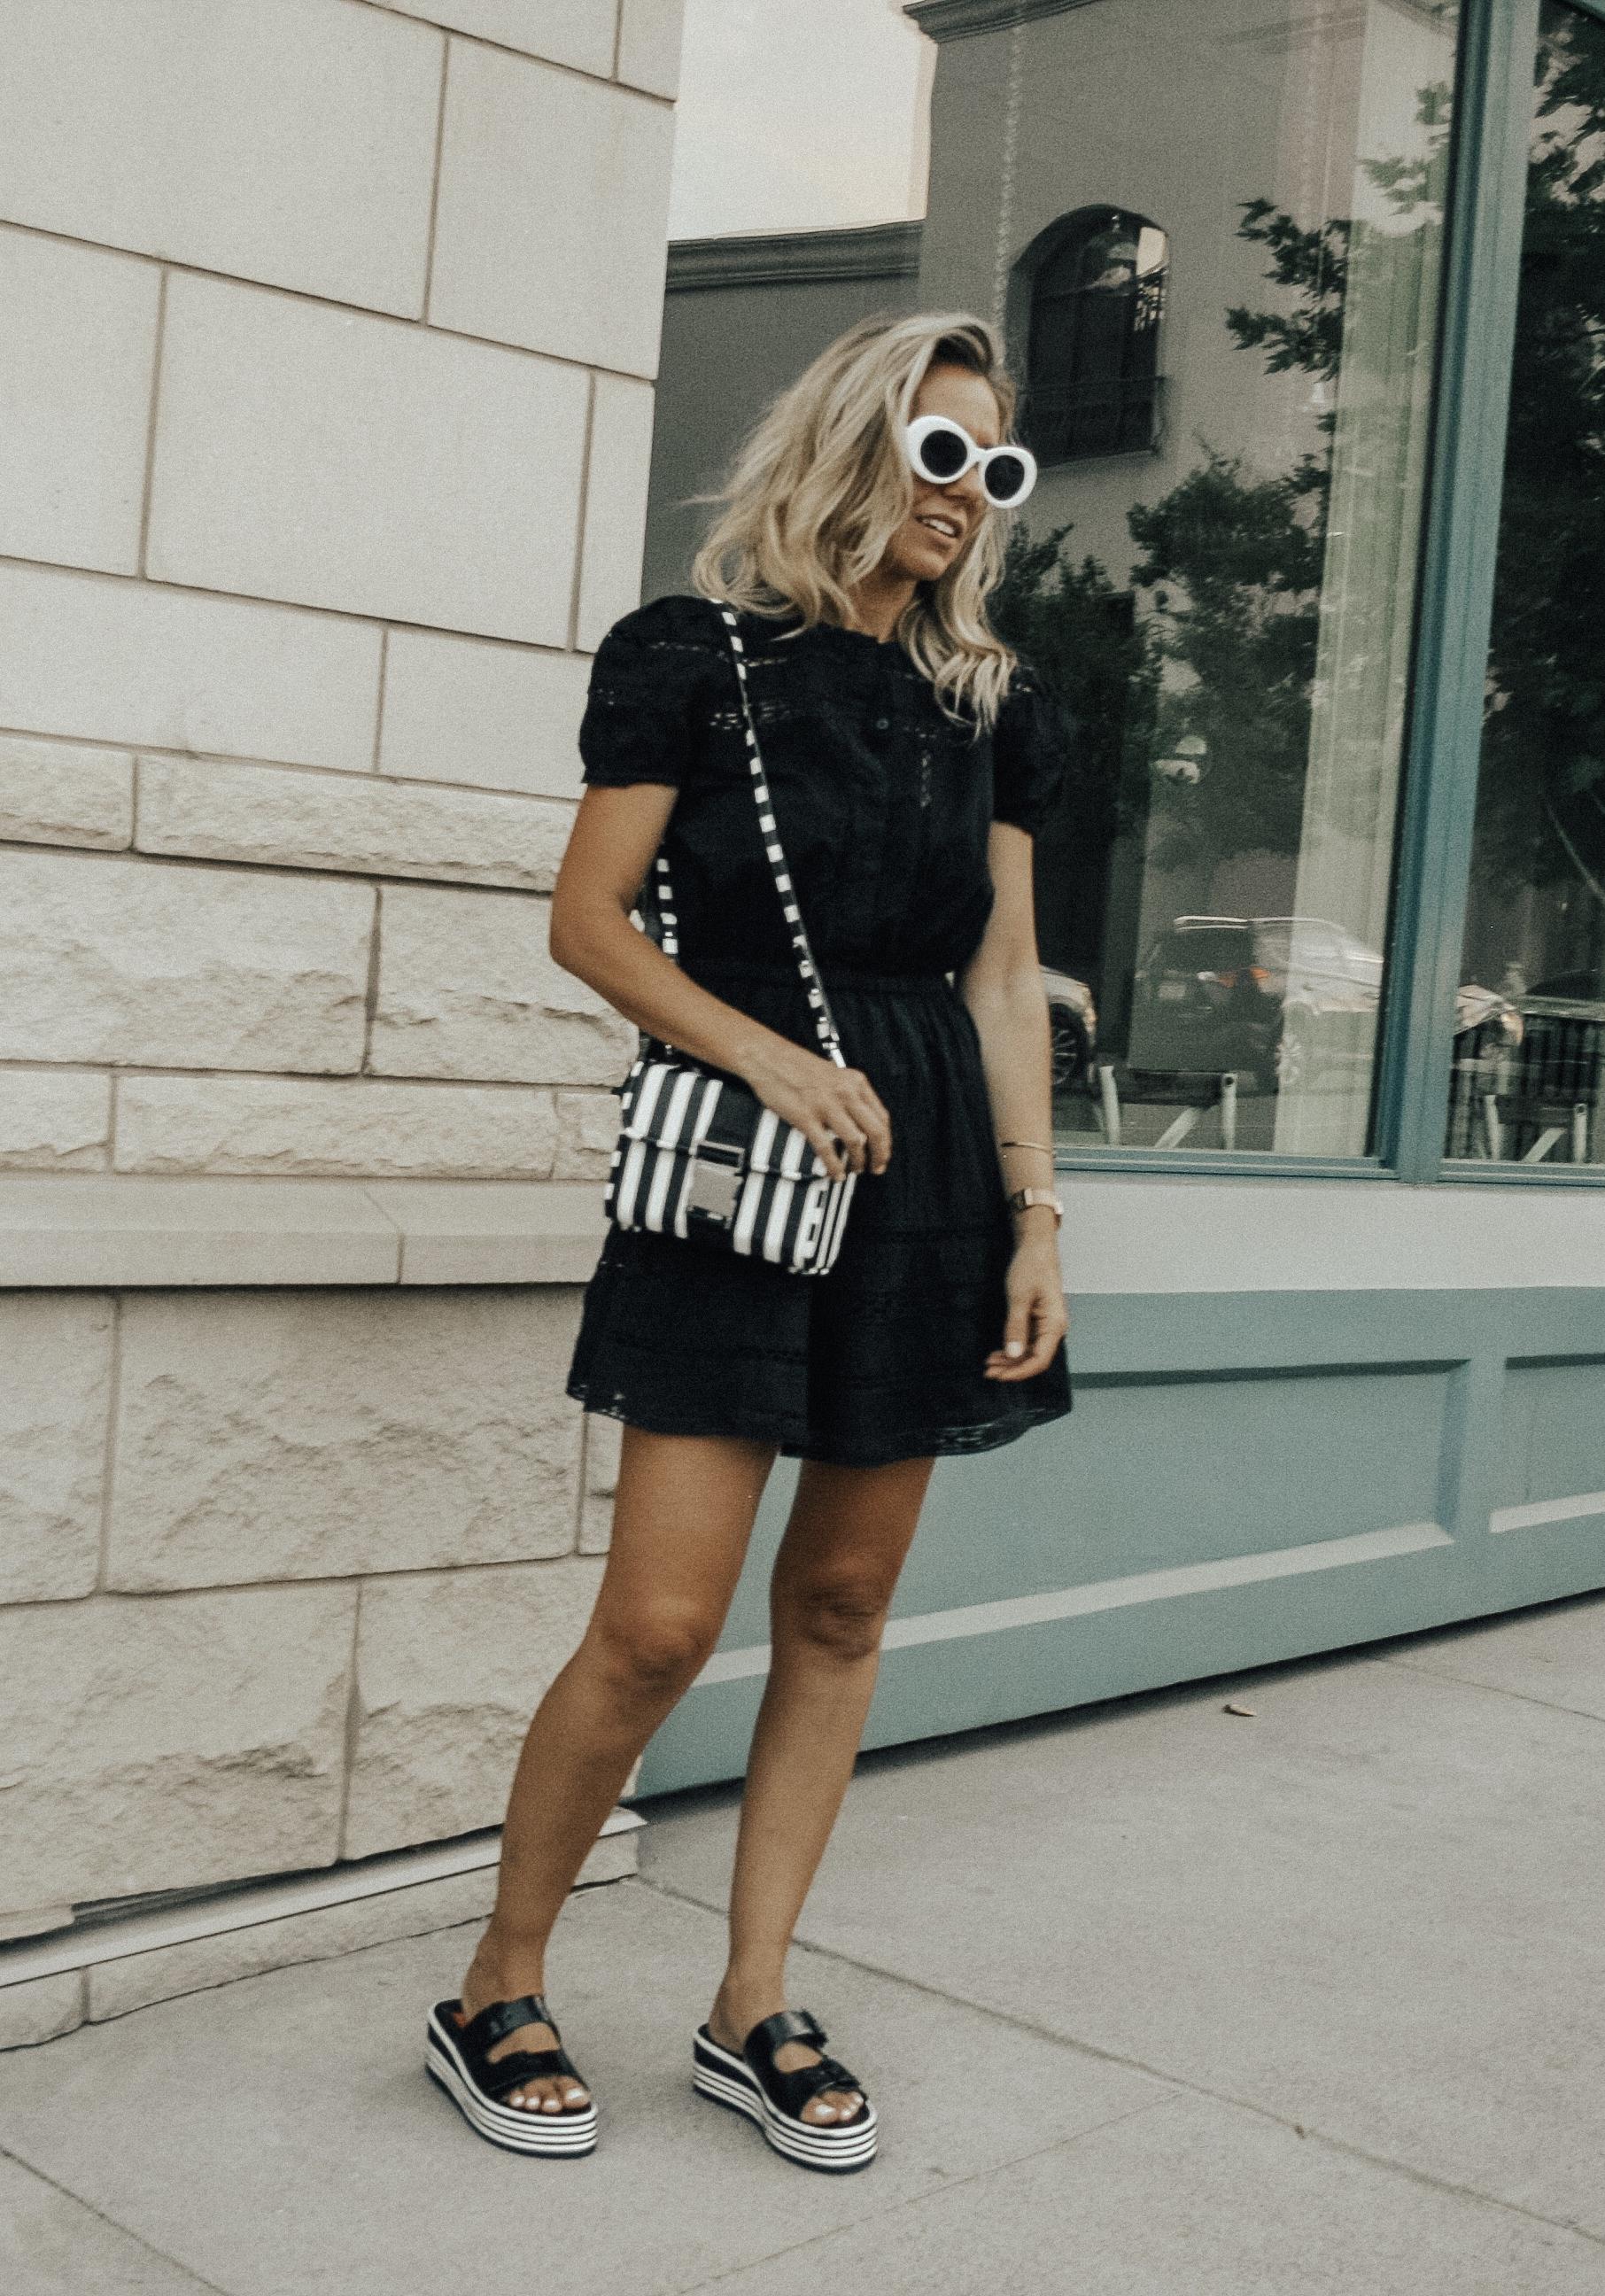 7fe5a4630d60c BLACK, WHITE + A LITTLE BIT RETRO - Jaclyn De Leon Style